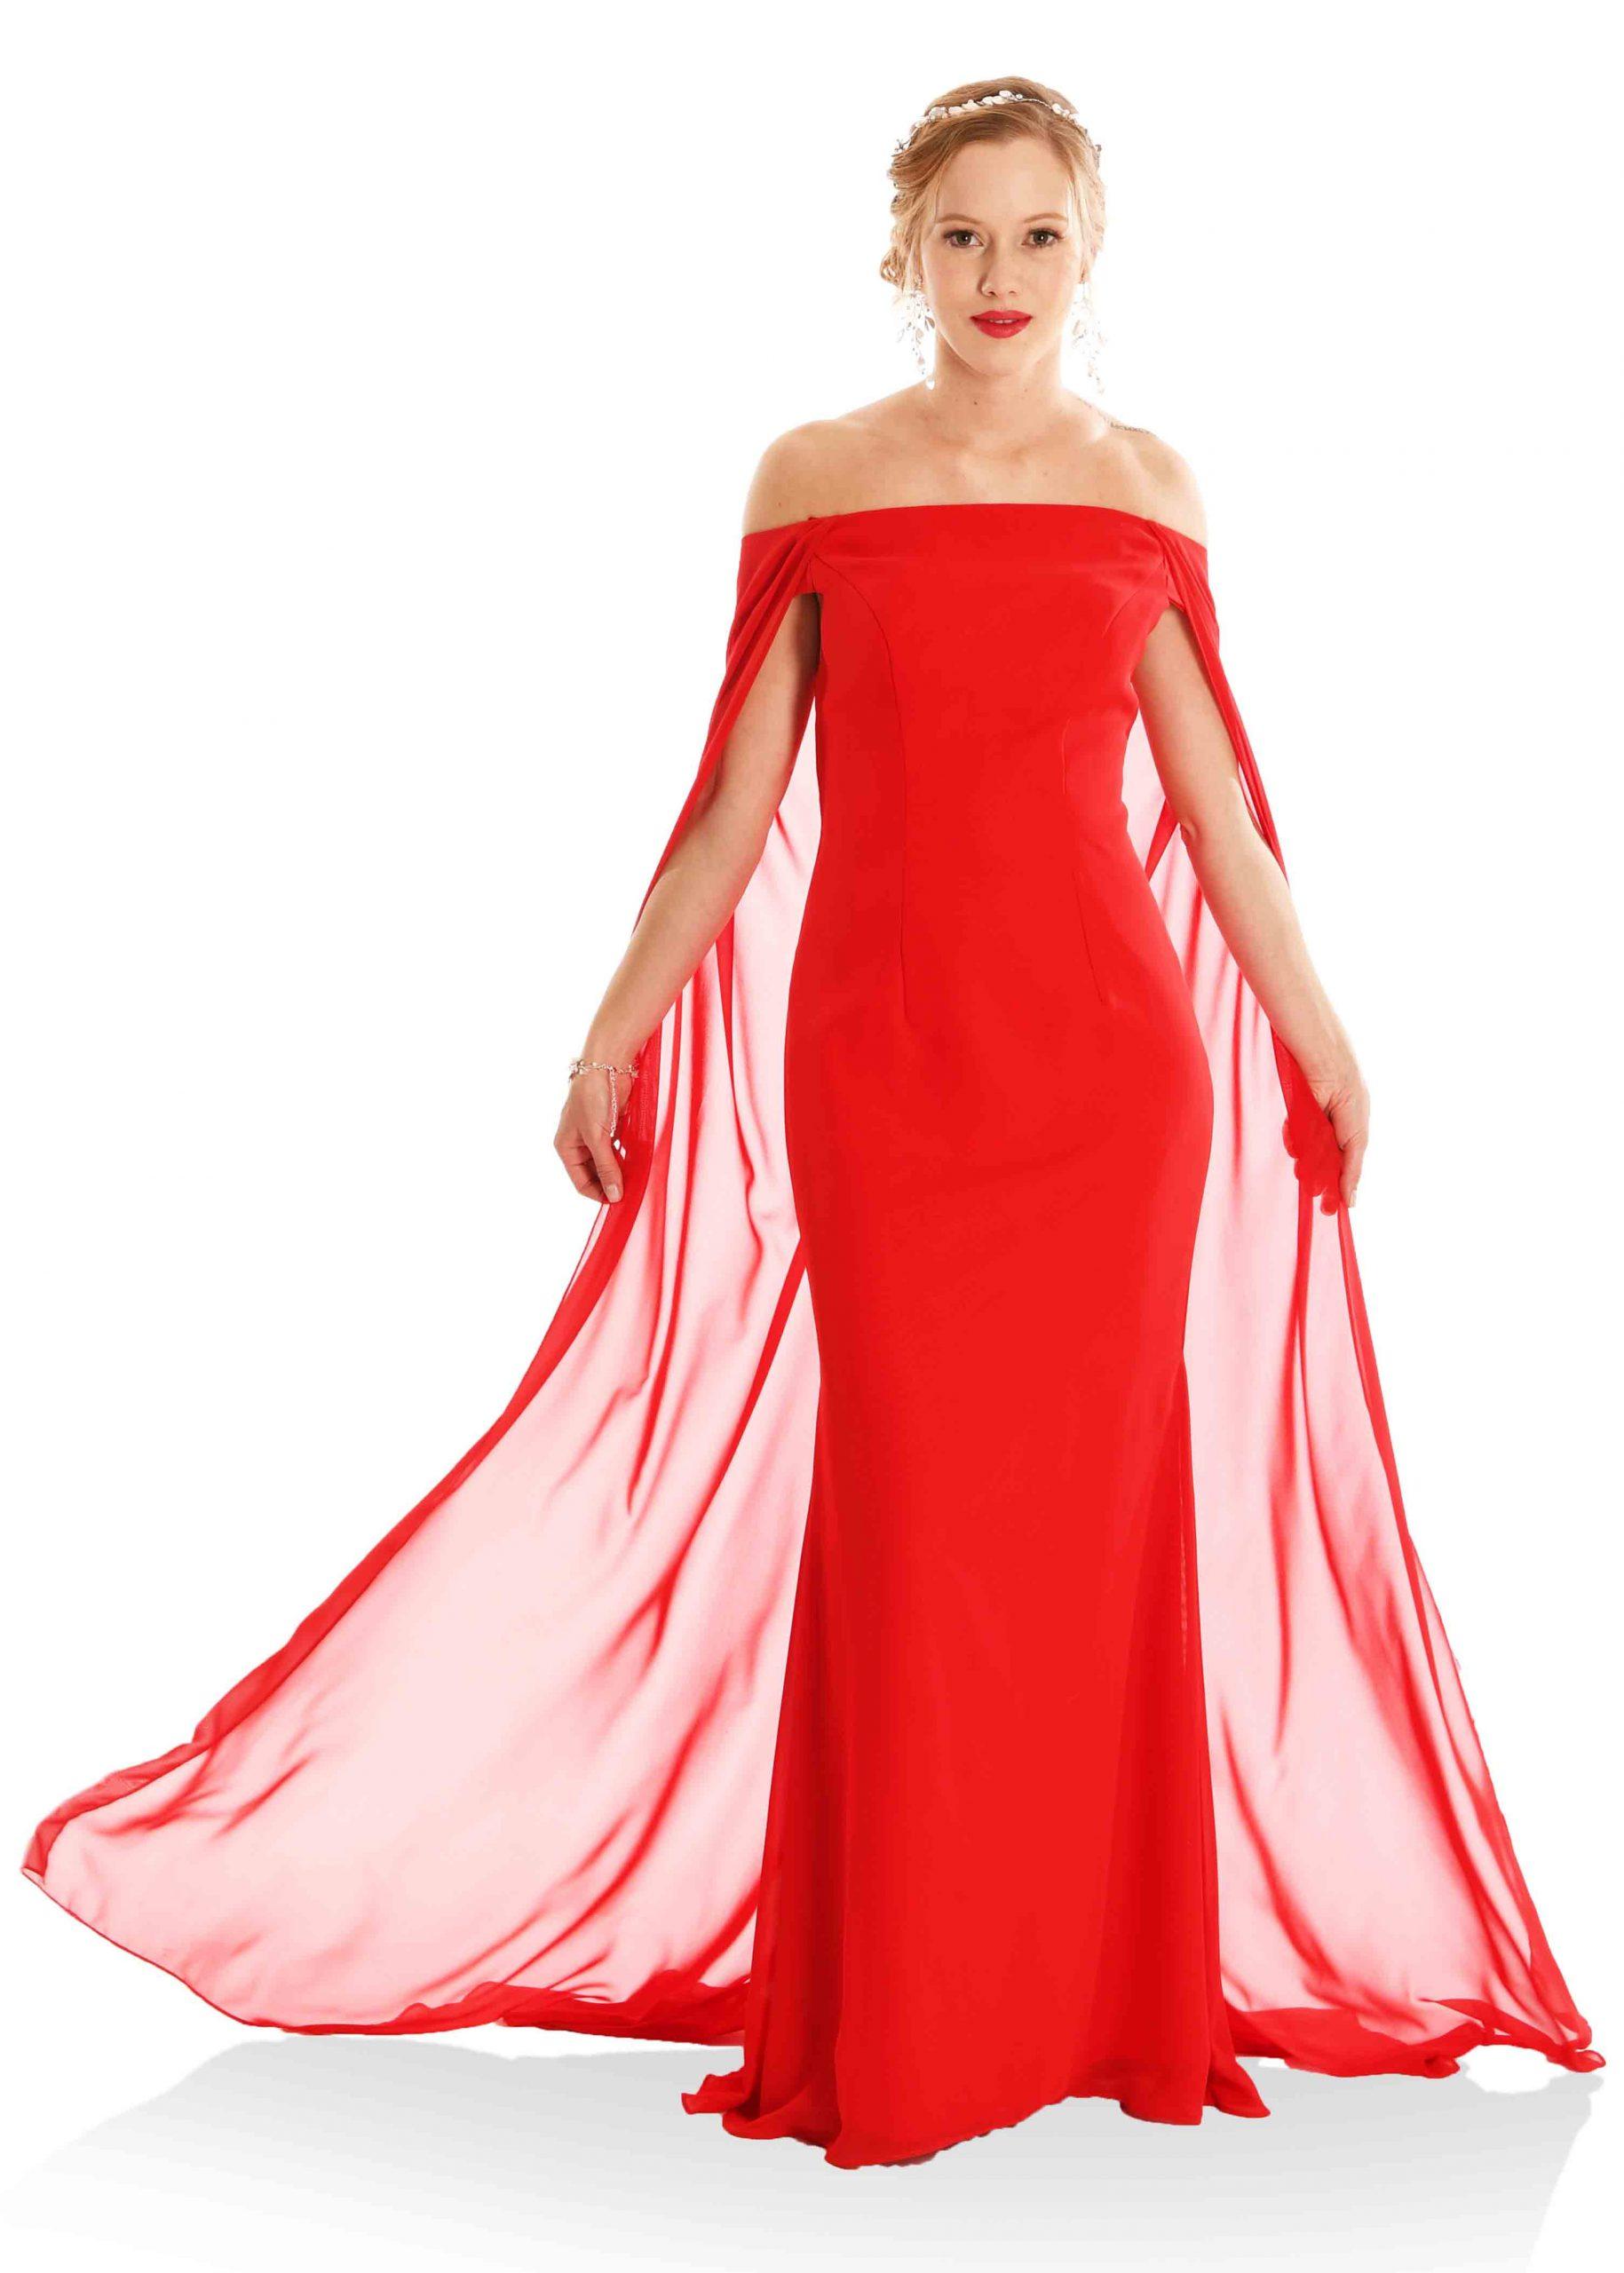 Formal Ausgezeichnet Abendcape Festliche Abendbekleidung Vertrieb17 Schön Abendcape Festliche Abendbekleidung Design